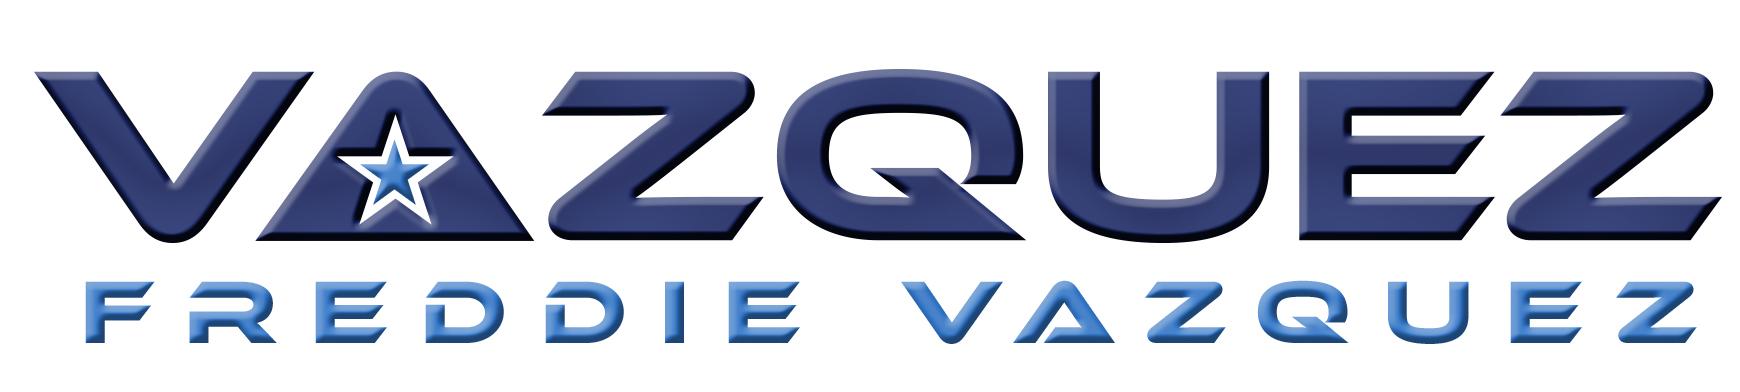 VAZQUEZ_logo_final.jpg